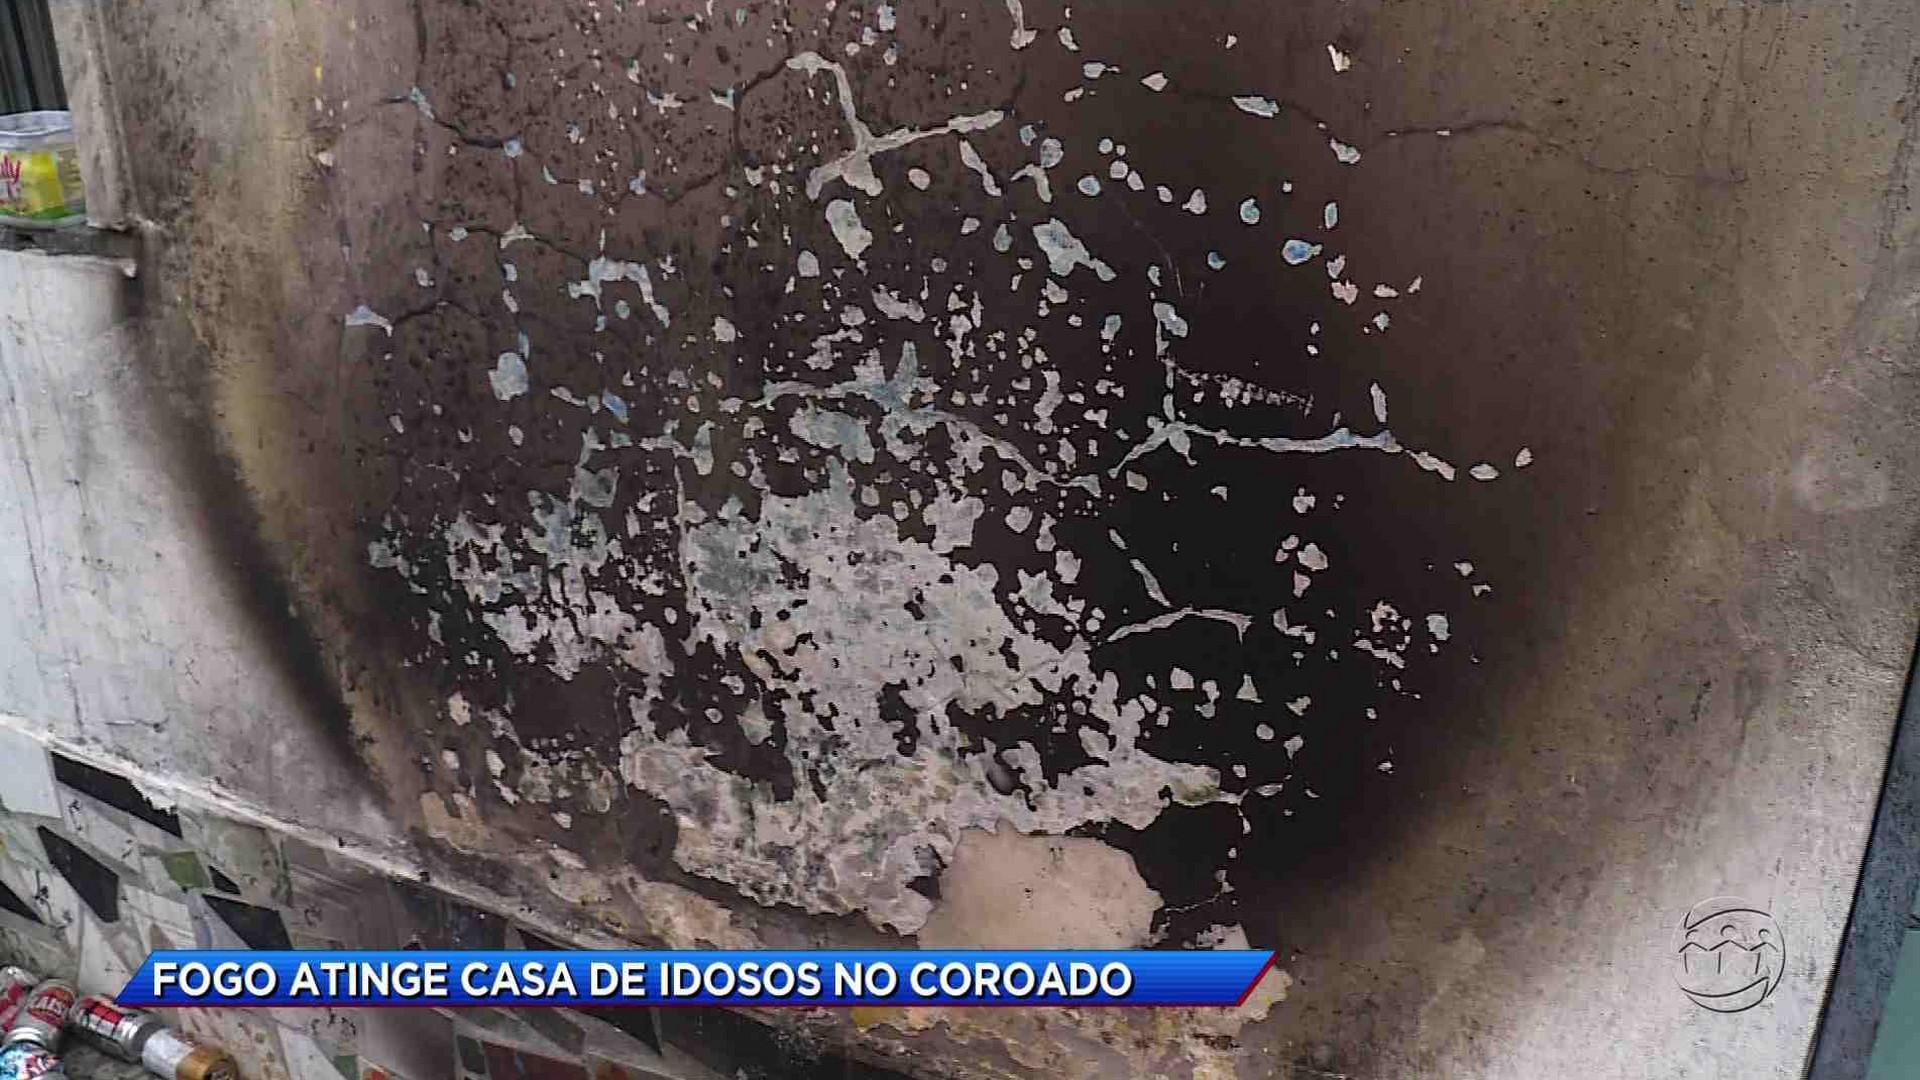 INCÊNDIO ATINGE CASA DE IDOSOS NO BAIRRO COROADO - Cidade Alerta Manaus 13/10/17